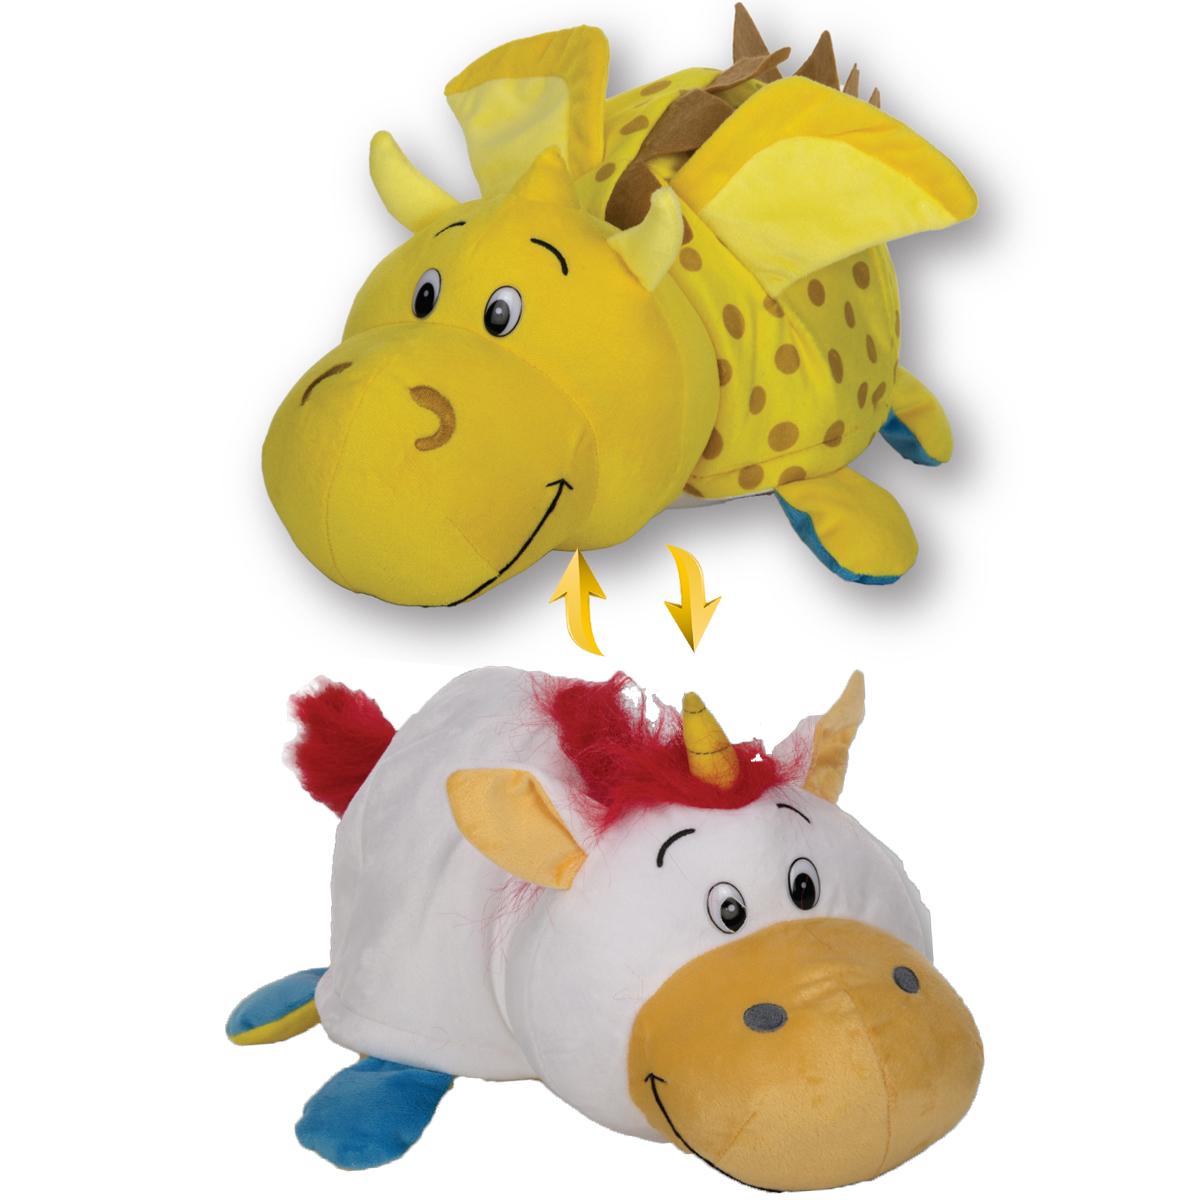 Мягкие игрушки 1toy Вывернушка Дракон-Единорог Т12335 мягкие игрушки trudi лайка маркус 34 см